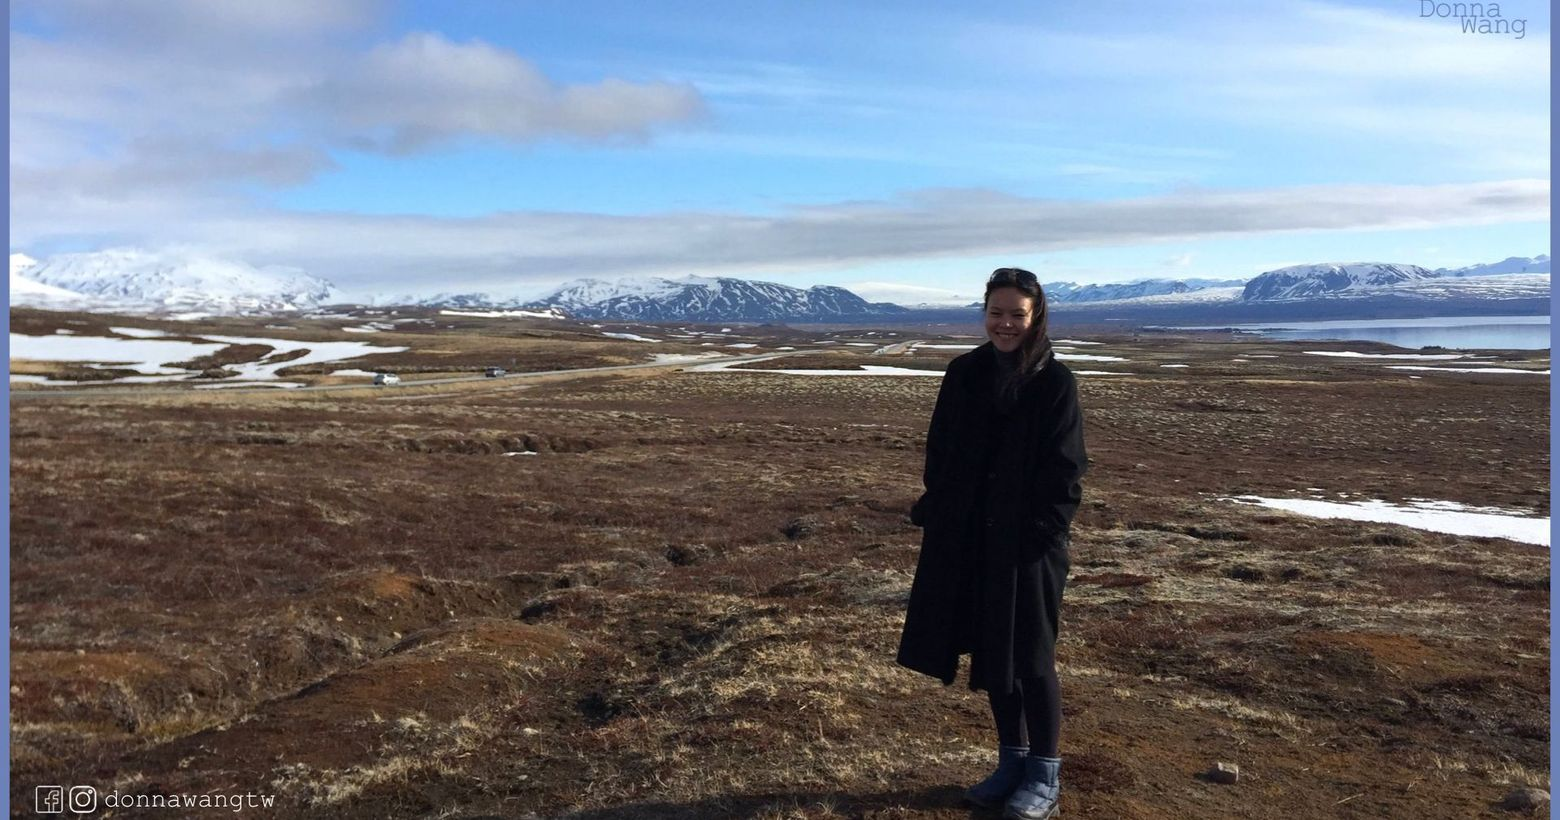 【多拿王愛走跳】說走就走,去冰島?!冰島有10.3萬平方公里,是台灣的將近三倍大,而且城鎮不集中,公